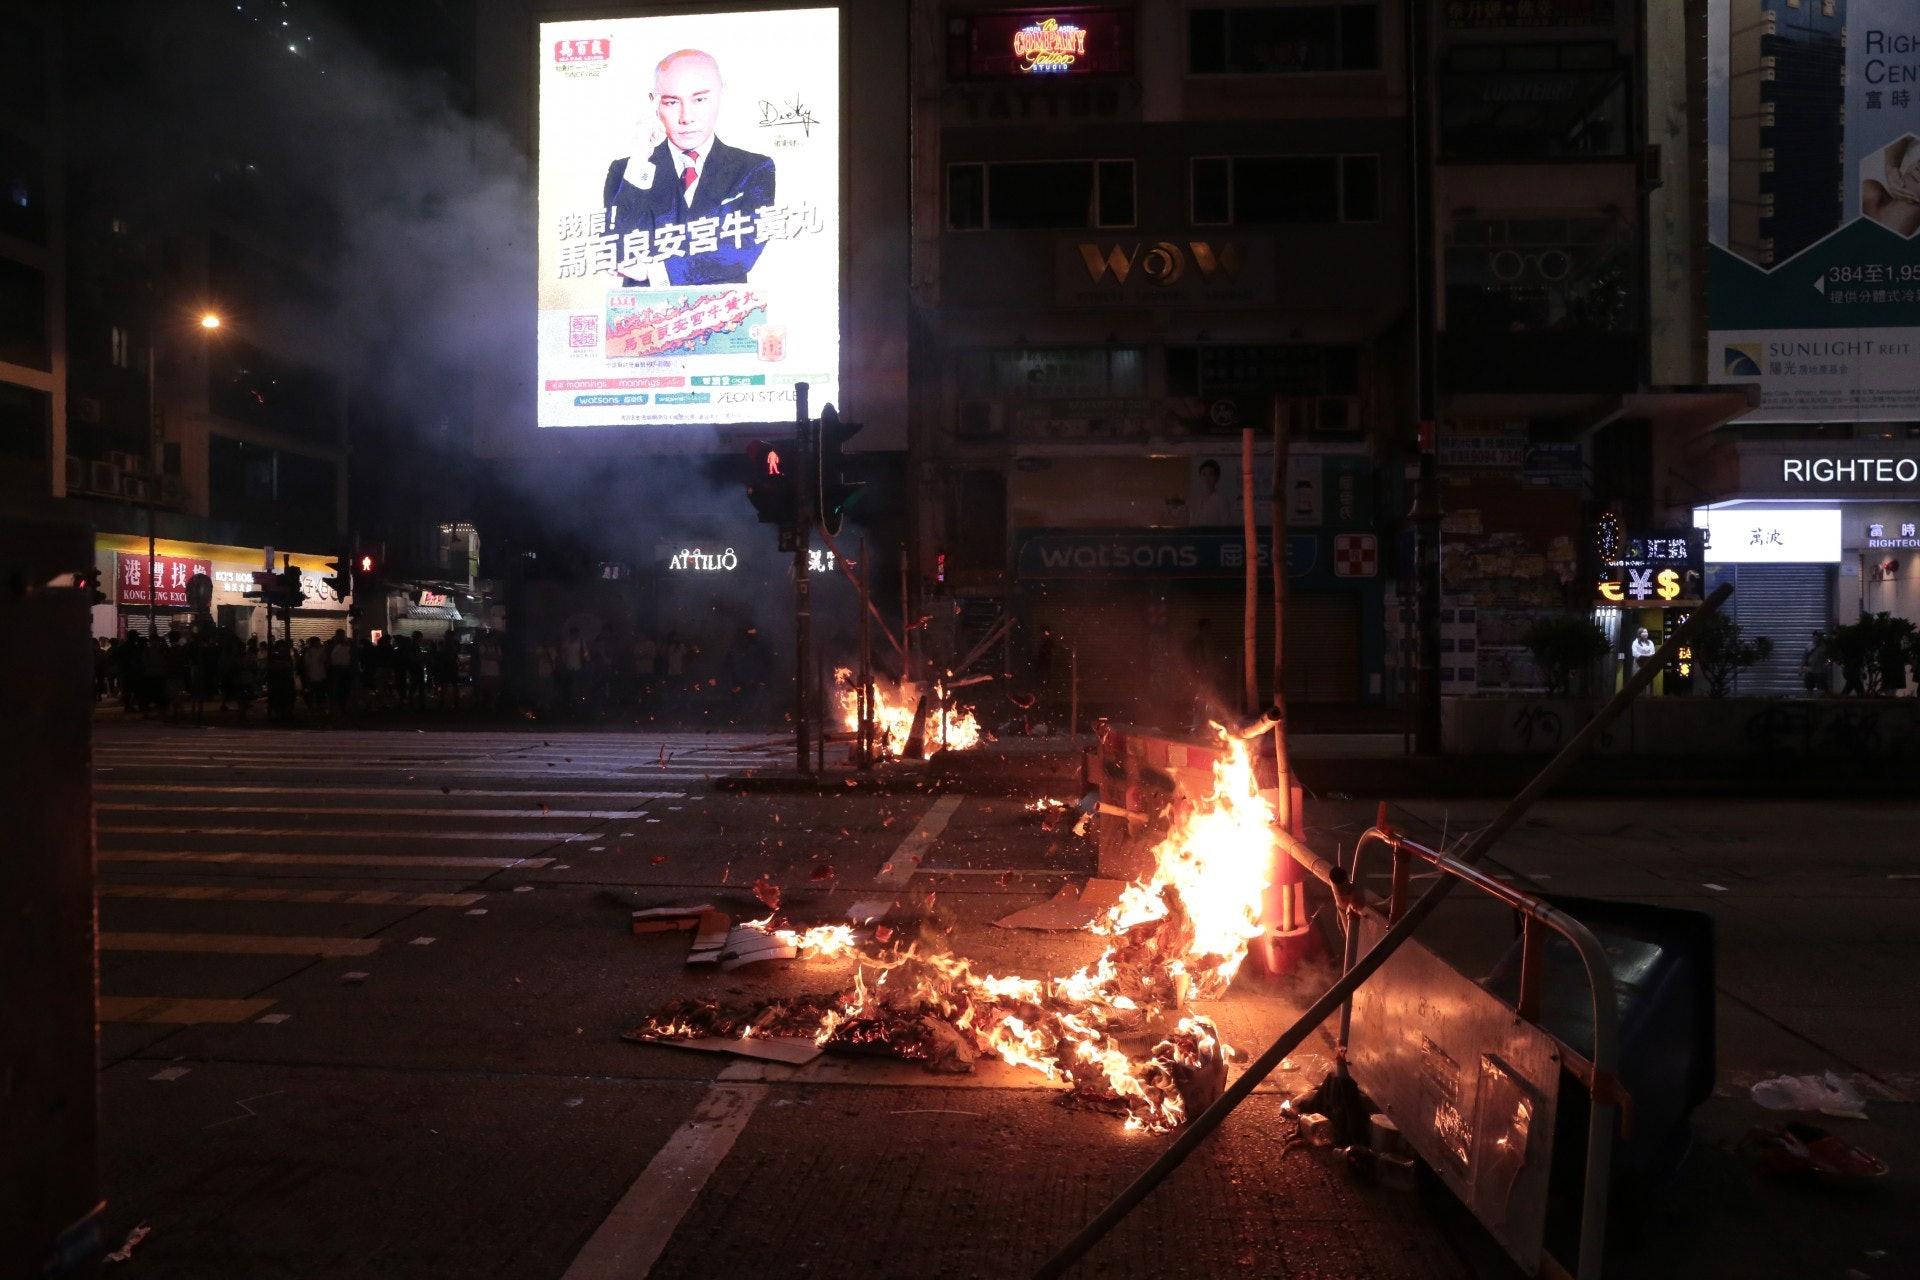 弥敦道有示威者烧路障。(余睿菁摄)